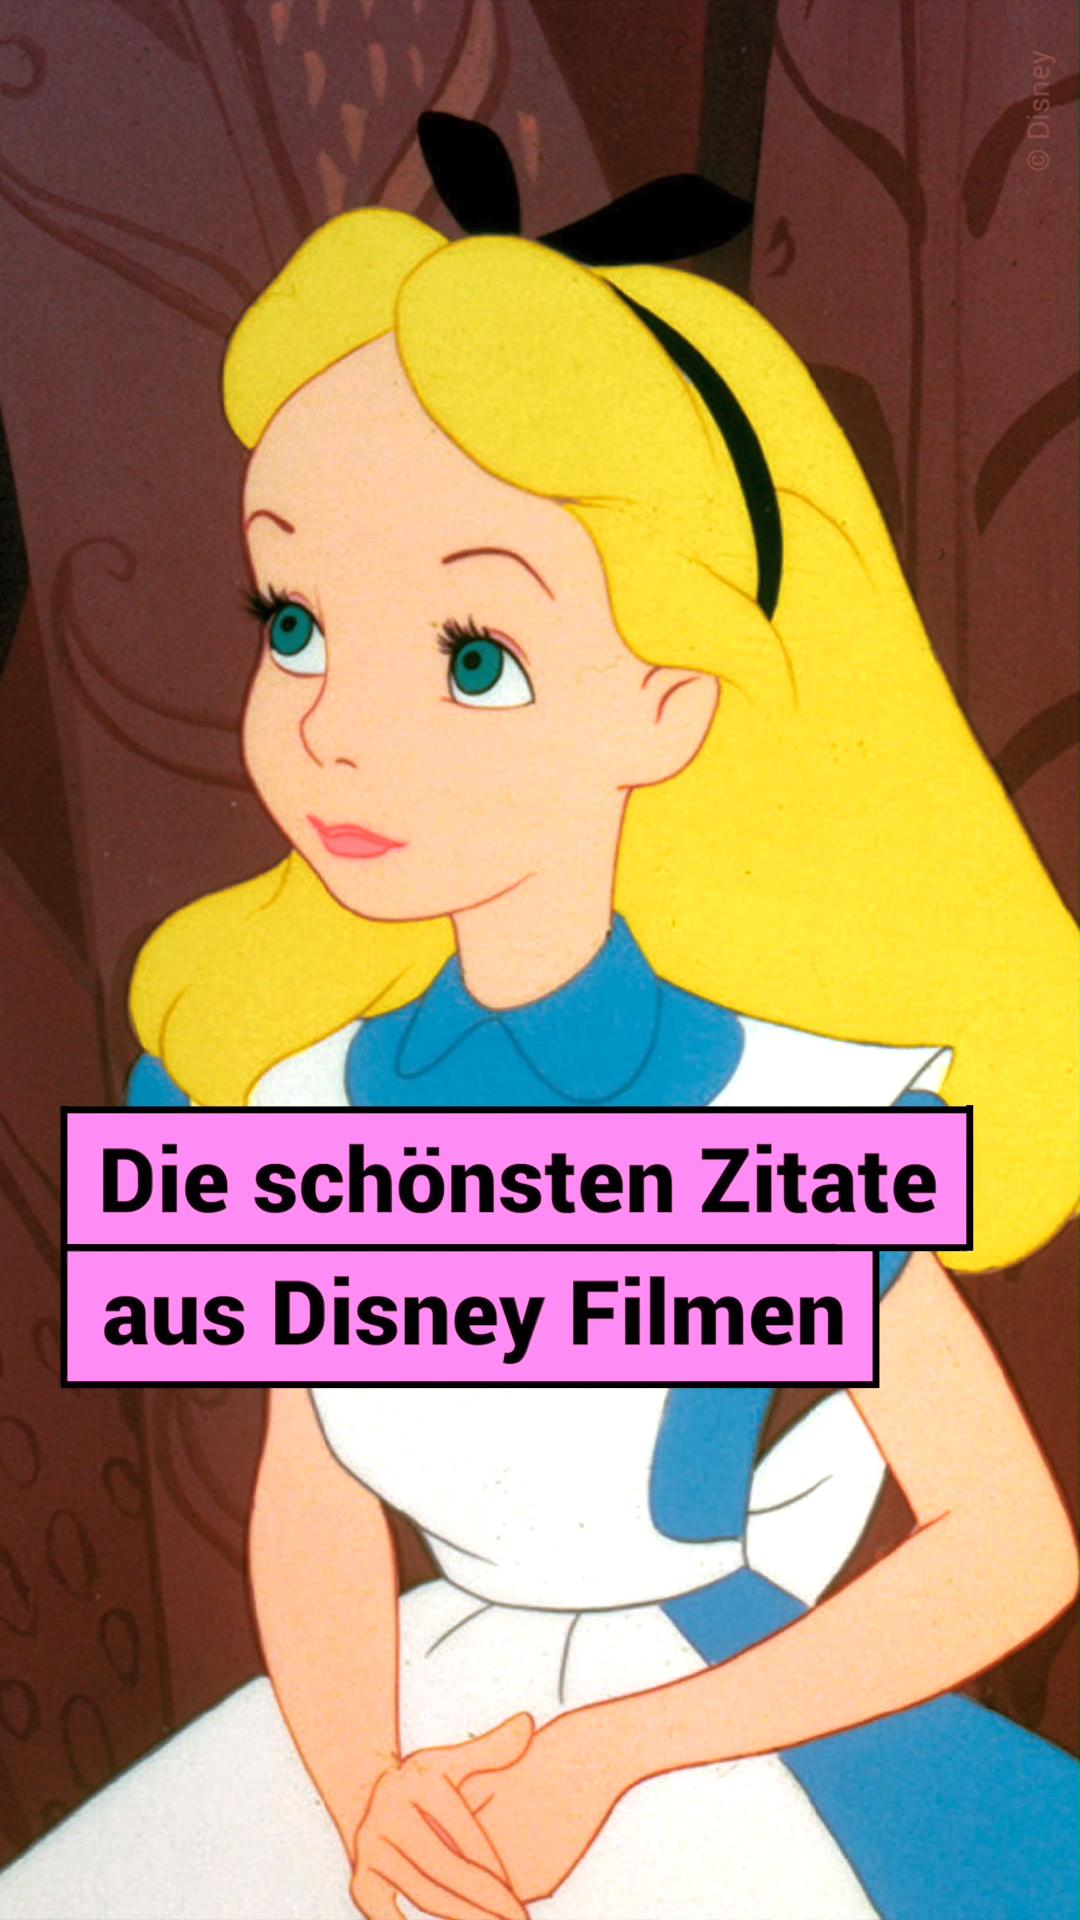 Noch mehr schöne Zitate für jede Gelegenheit findest du bei gofeminin.de